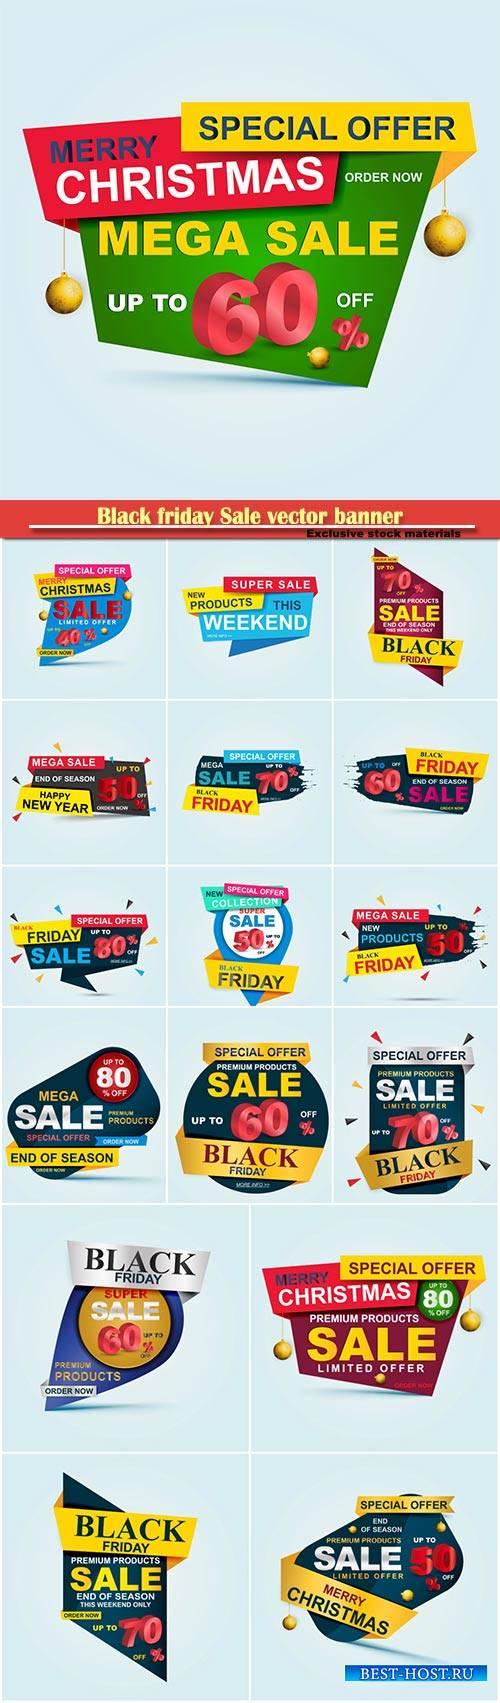 Black friday Sale vector banner, big sale template design